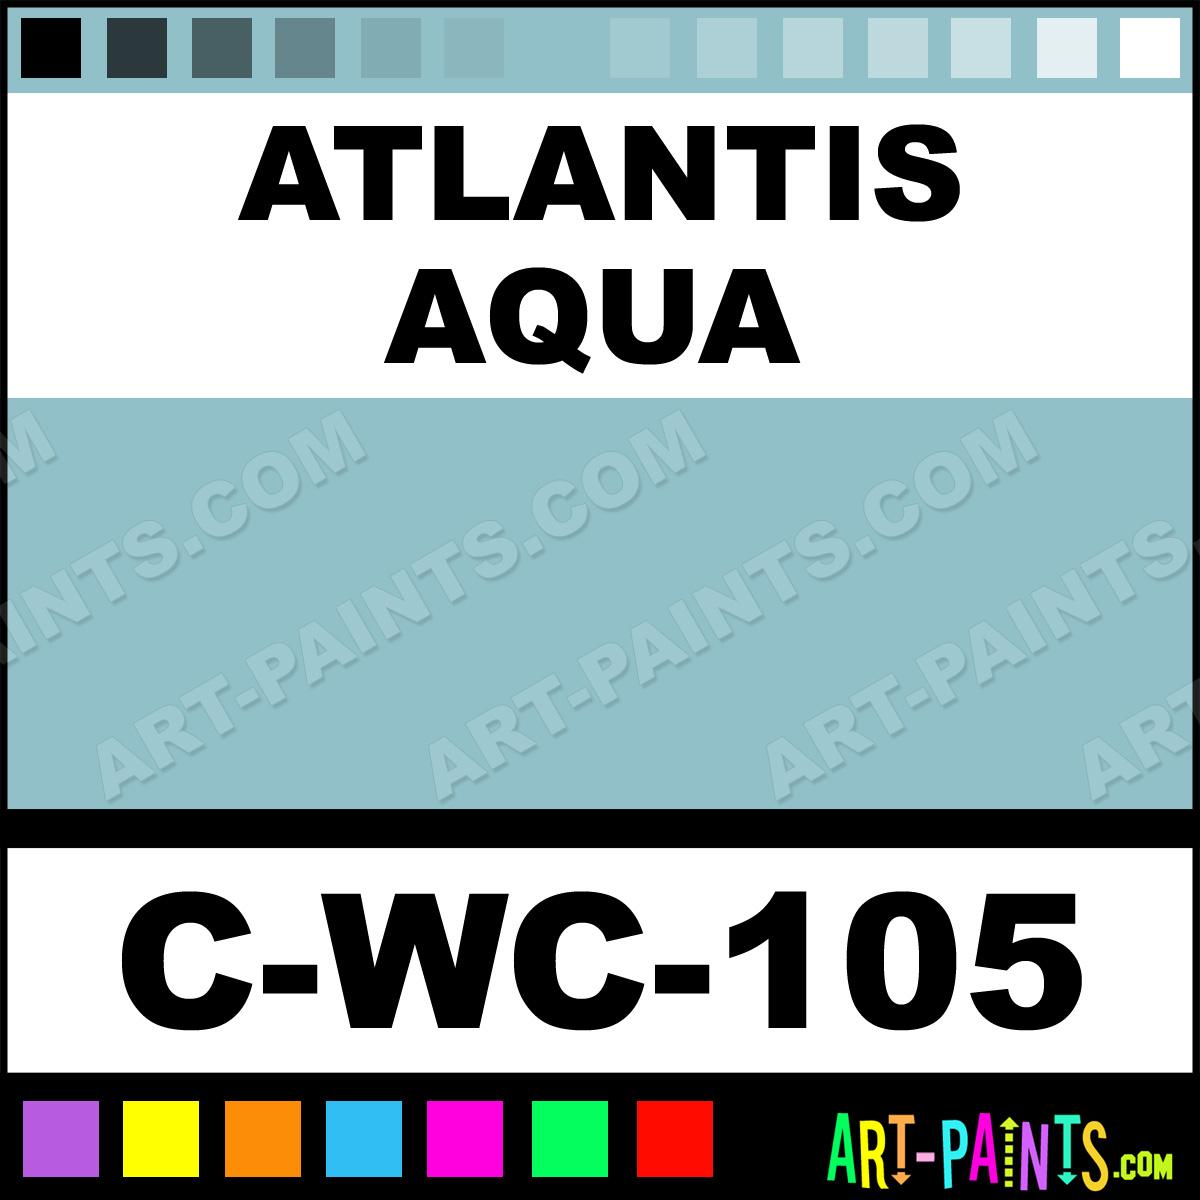 atlantis aqua mystic glaze ceramic paints c wc 105. Black Bedroom Furniture Sets. Home Design Ideas